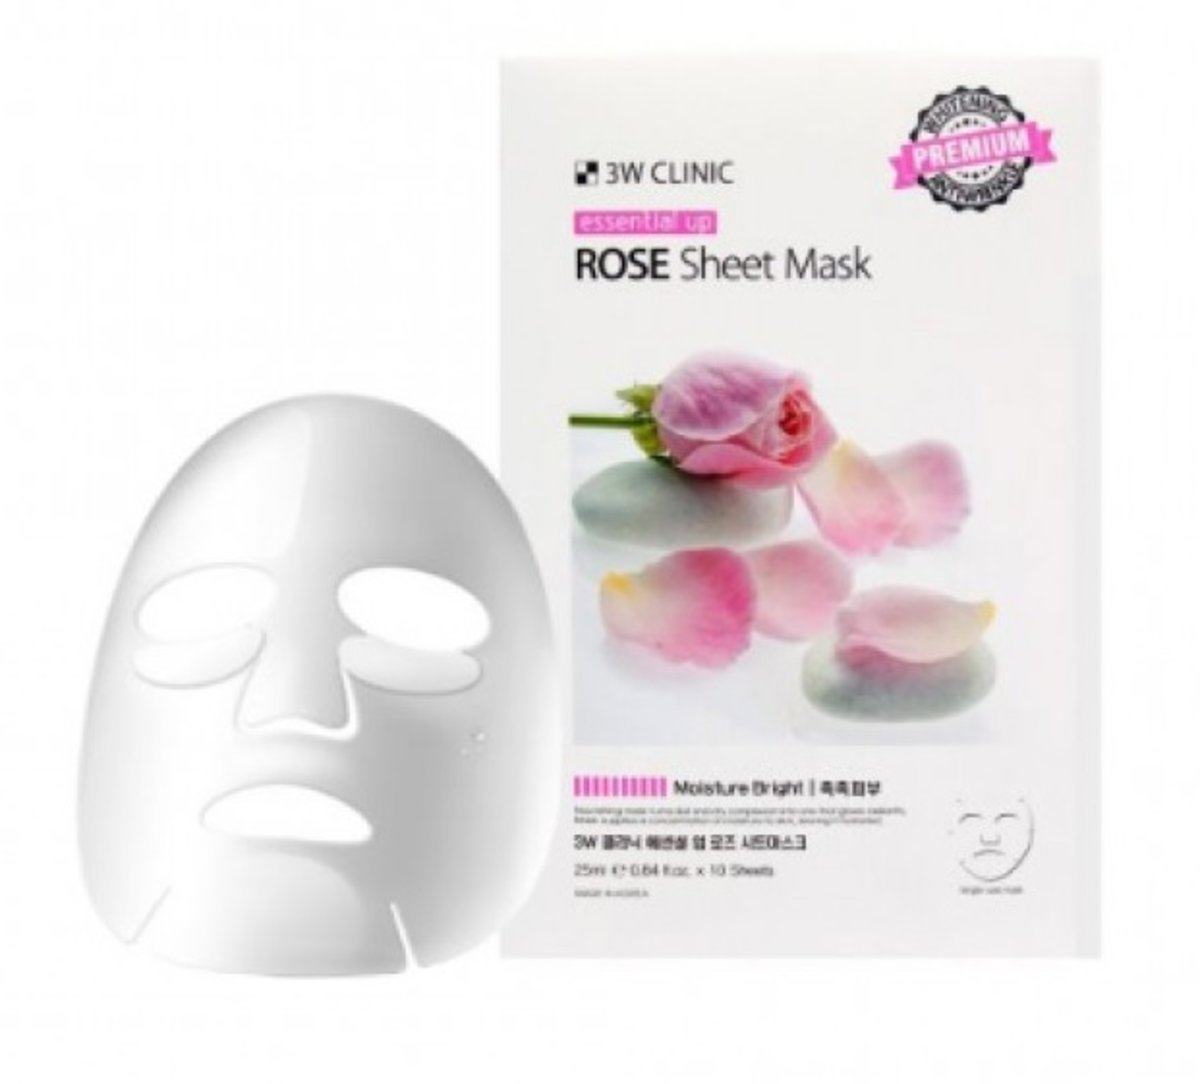 玫瑰精華面膜(10片裝)